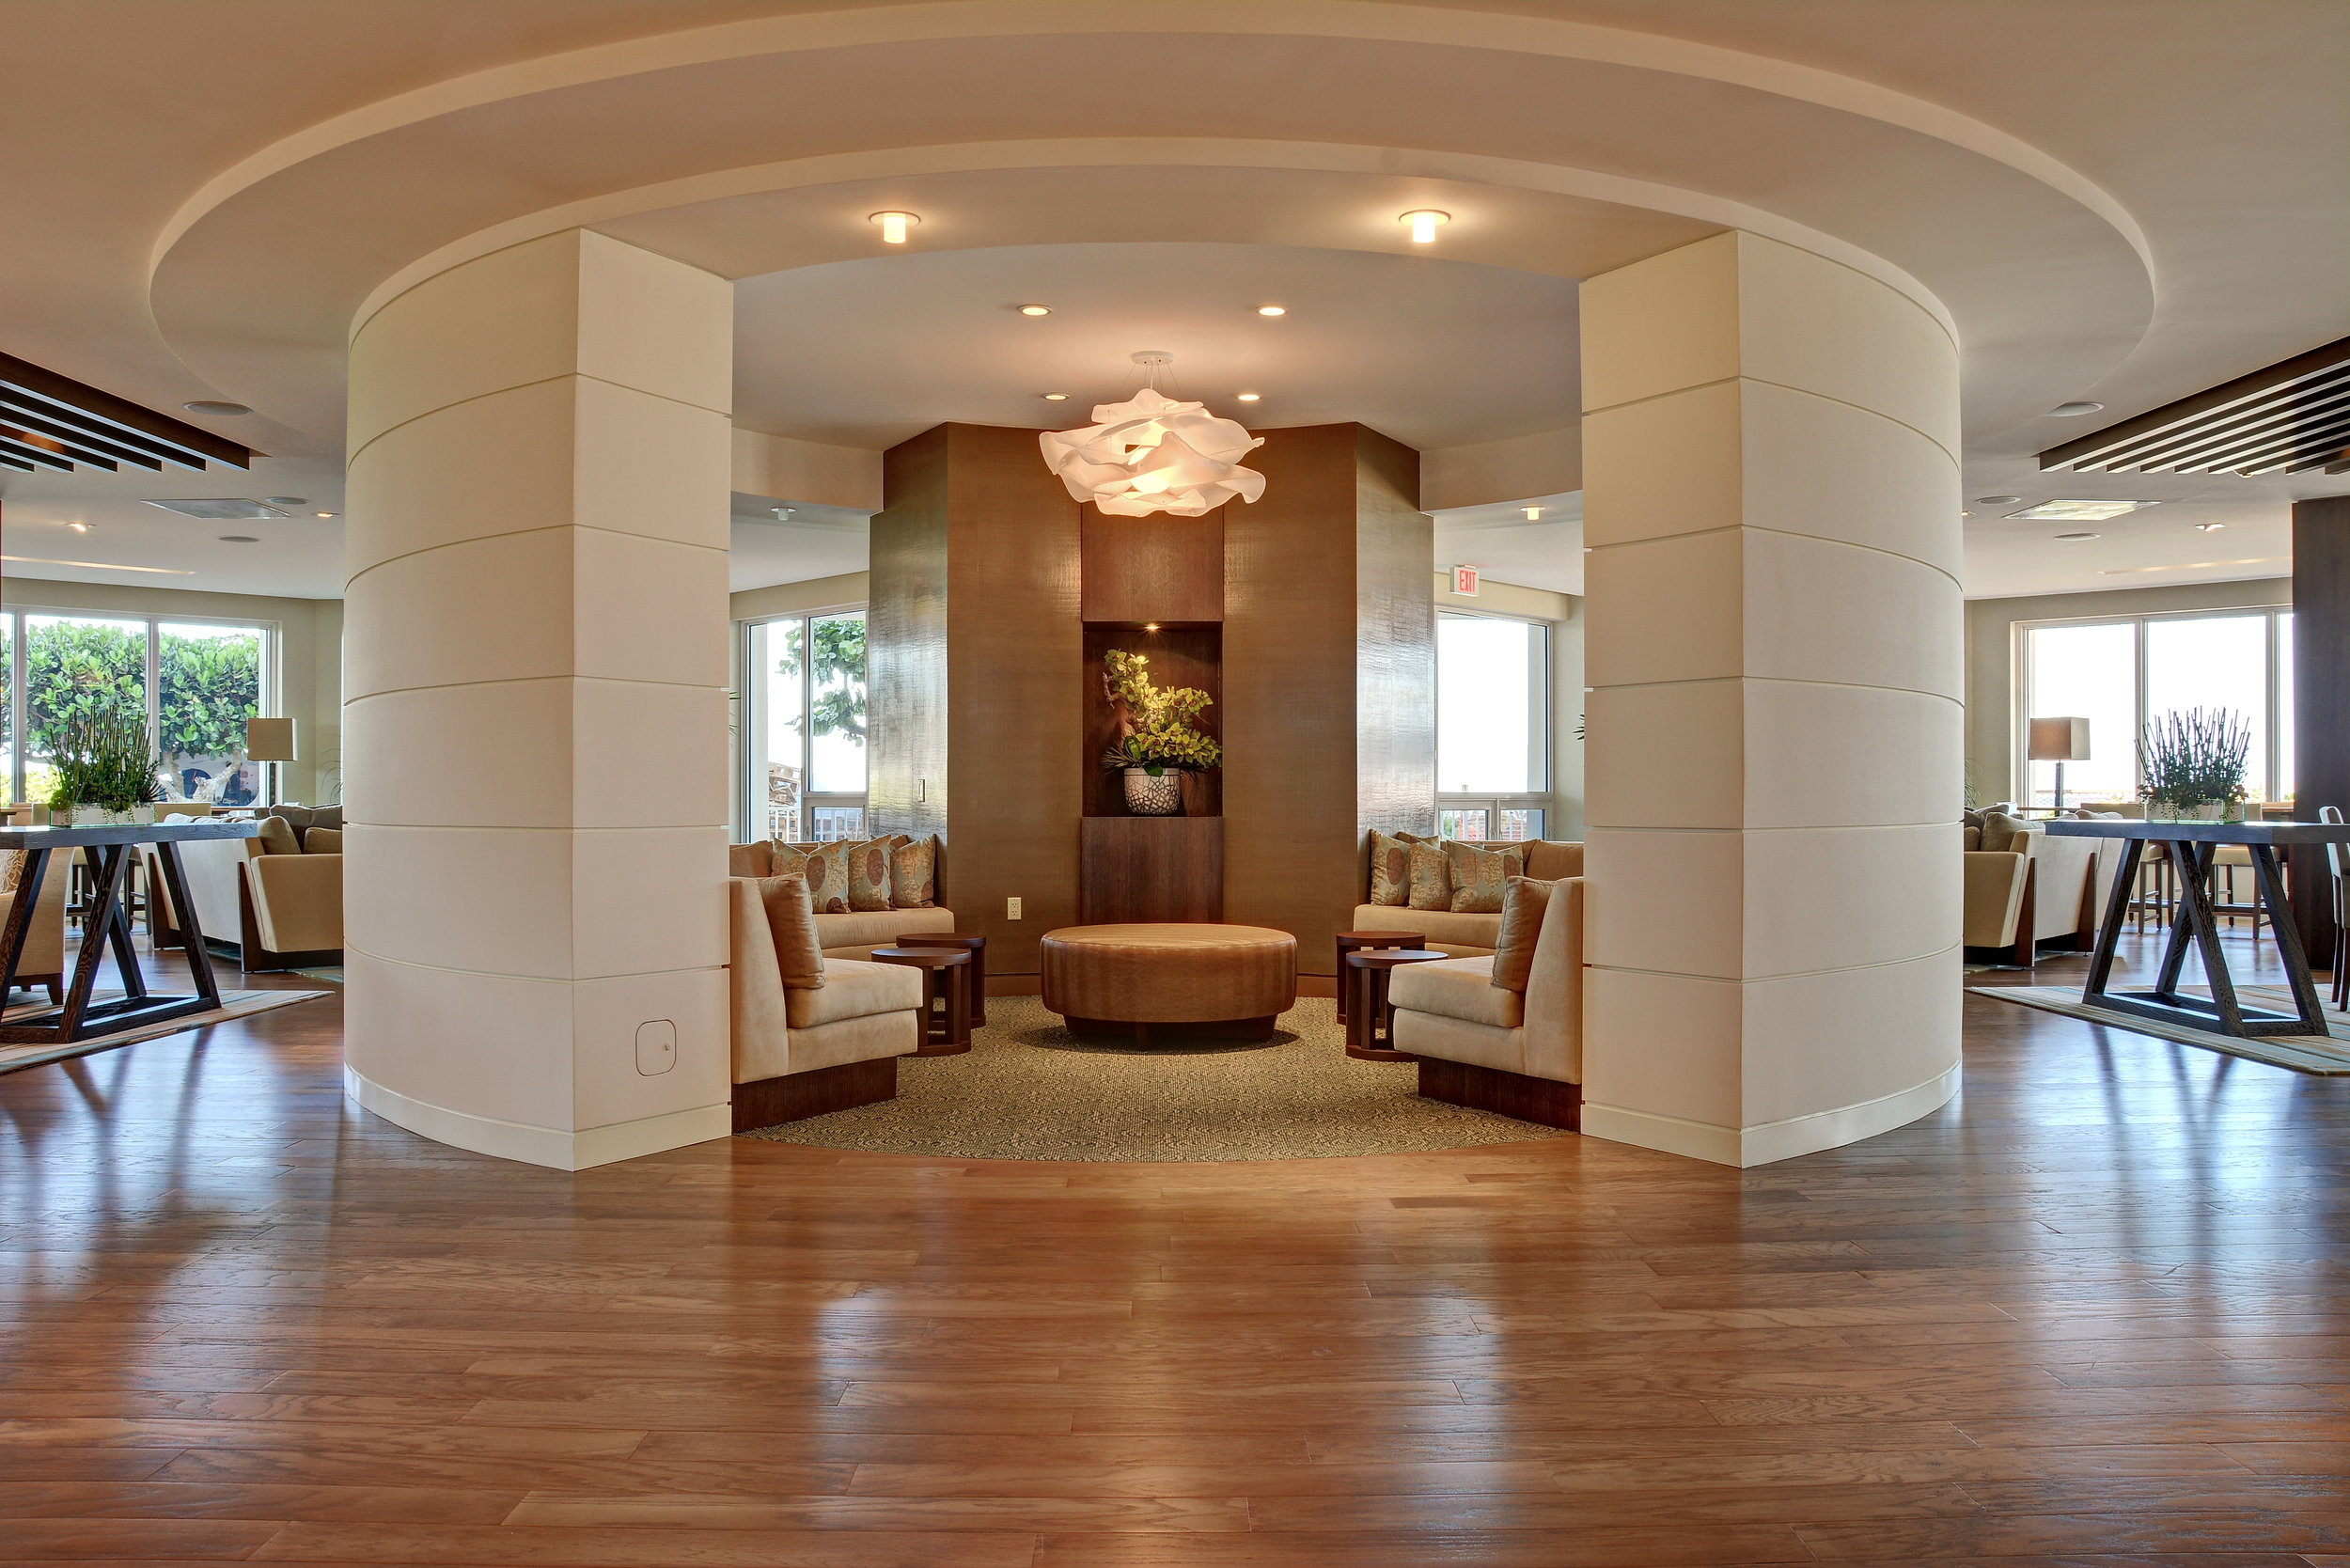 Chalfonte Condominium Interior  Boca Raton, FL   View Project